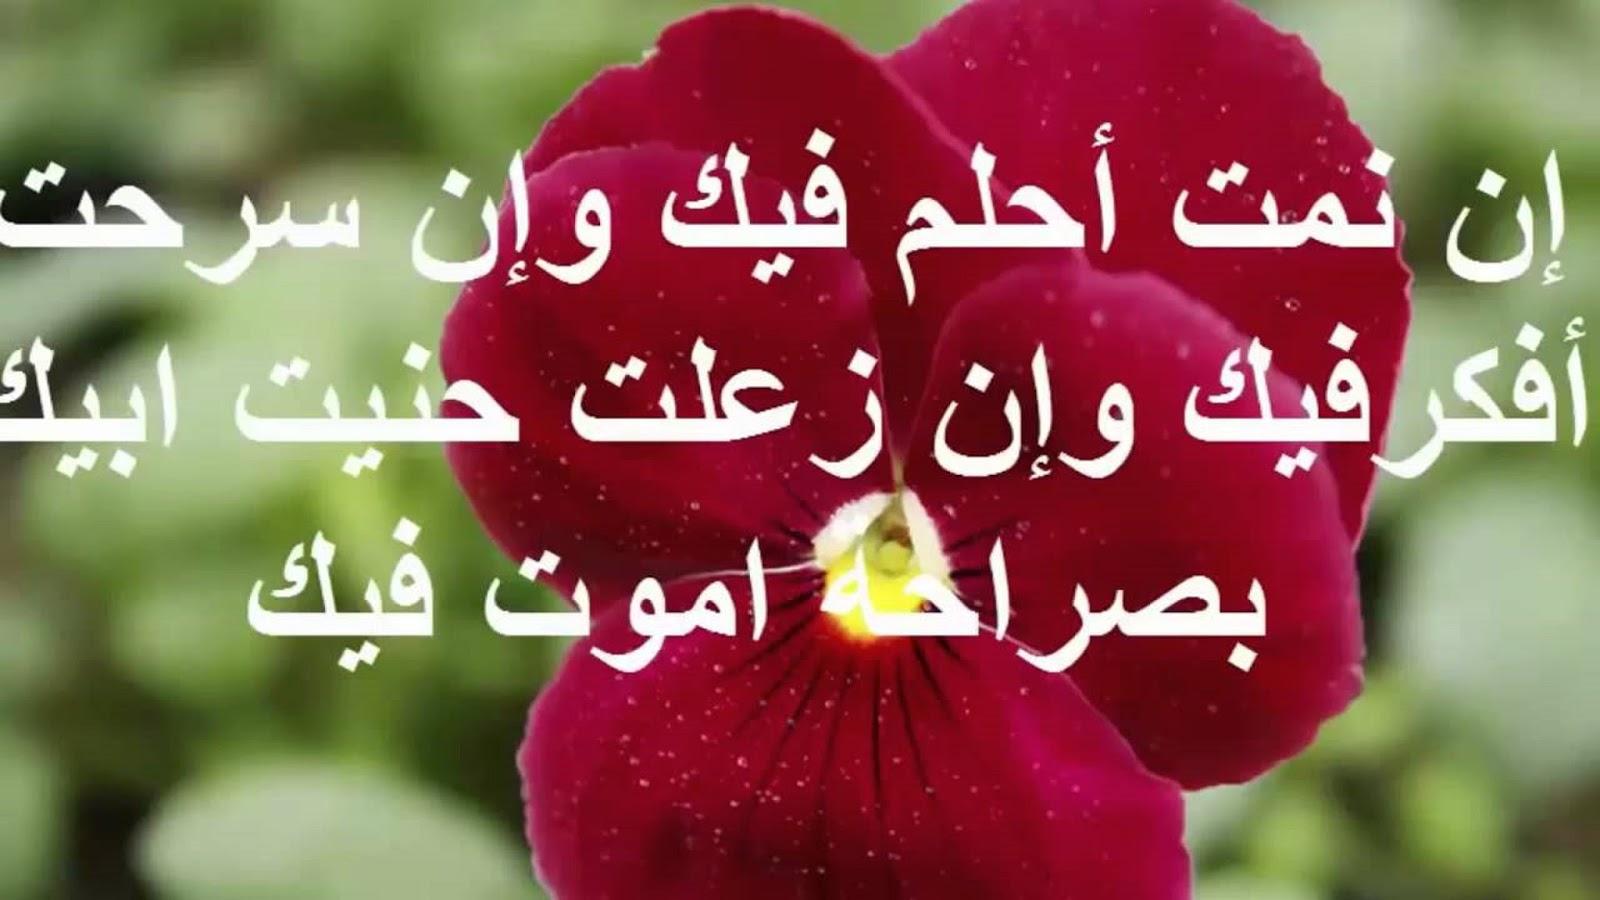 بالصور رسائل الحب والغرام , كلمات جميلة عن الحب والغرام 3555 2